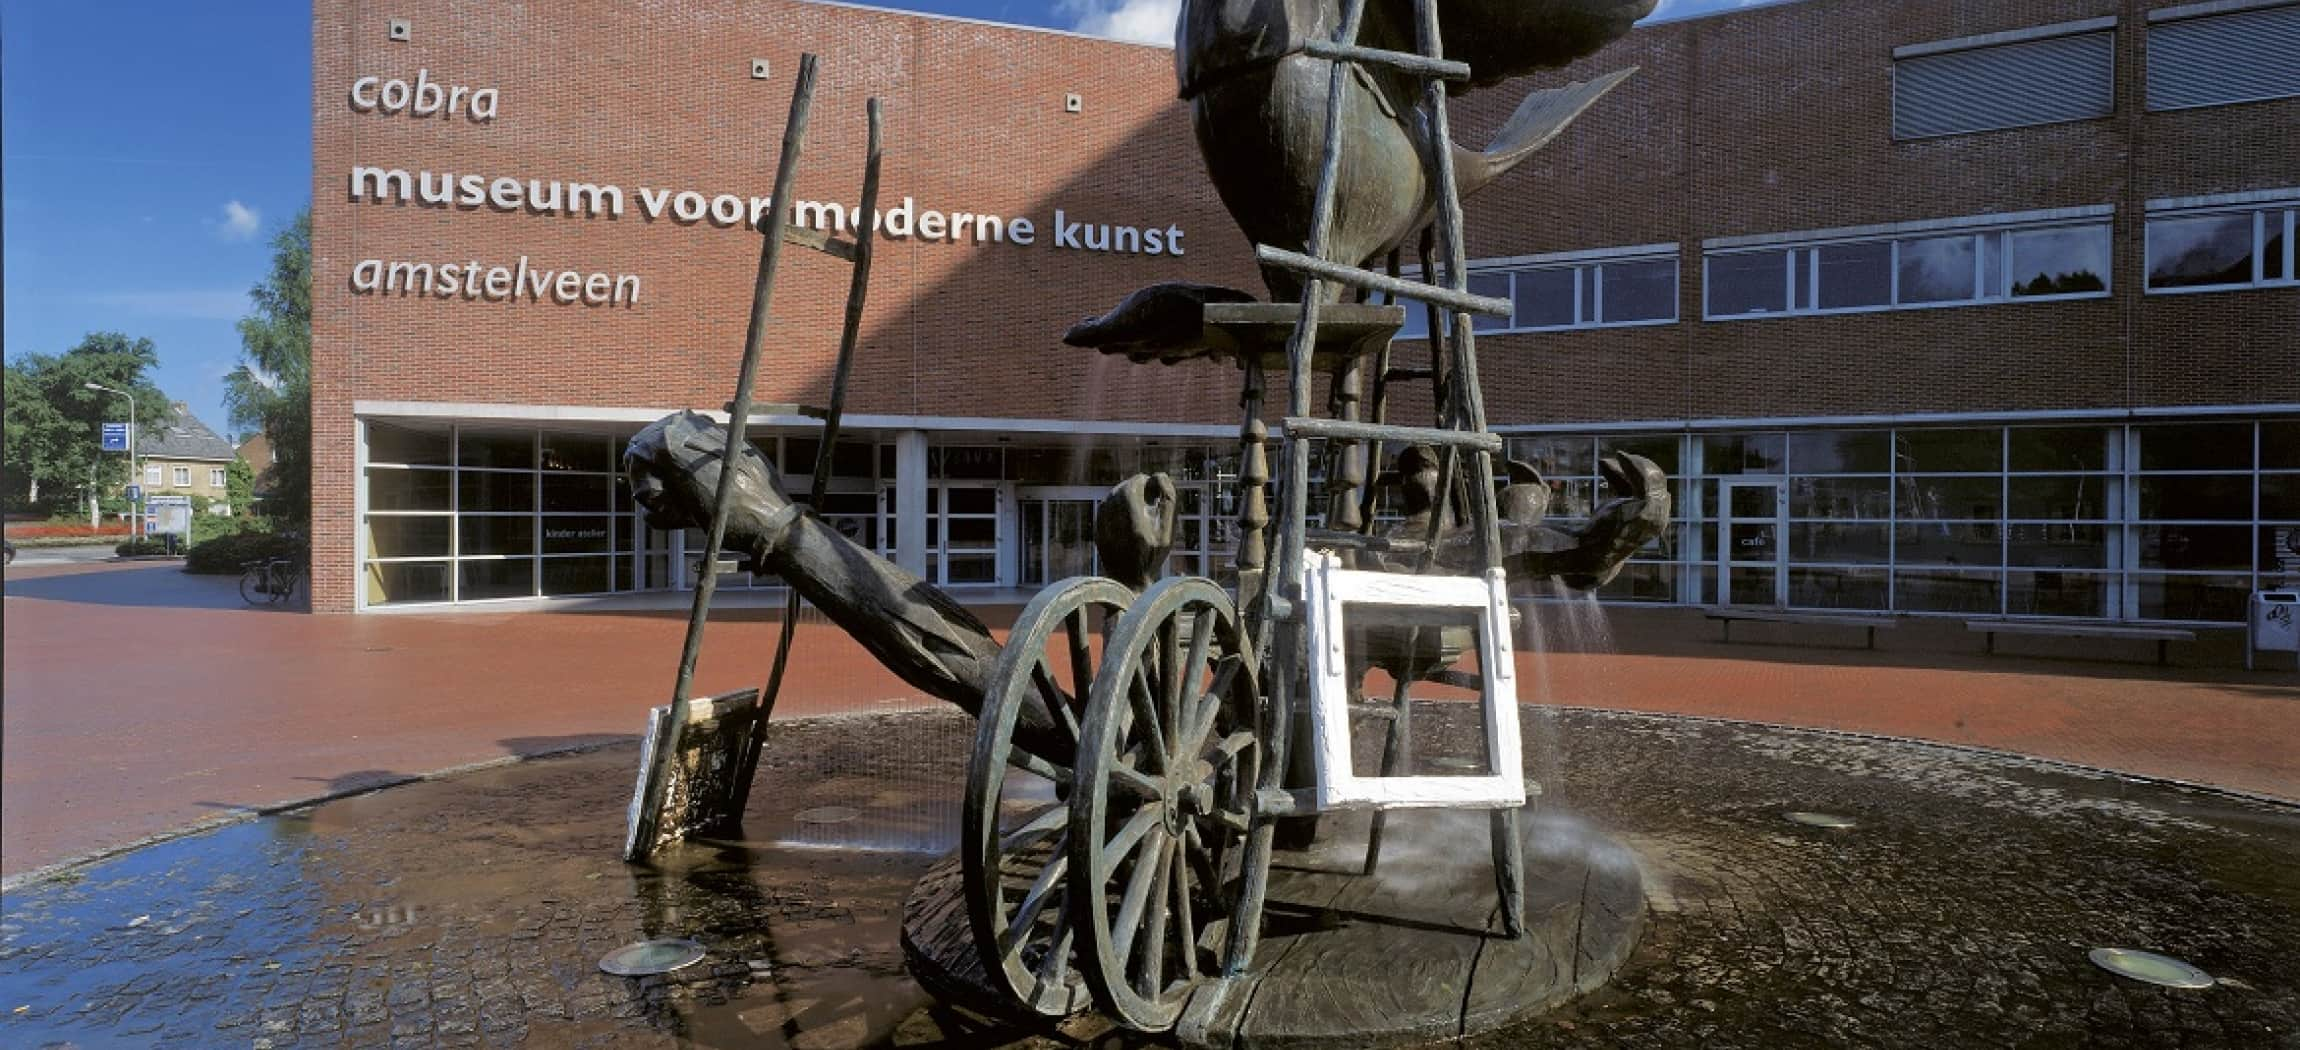 Standbeeld bij het Cobra museum in Amstelveen